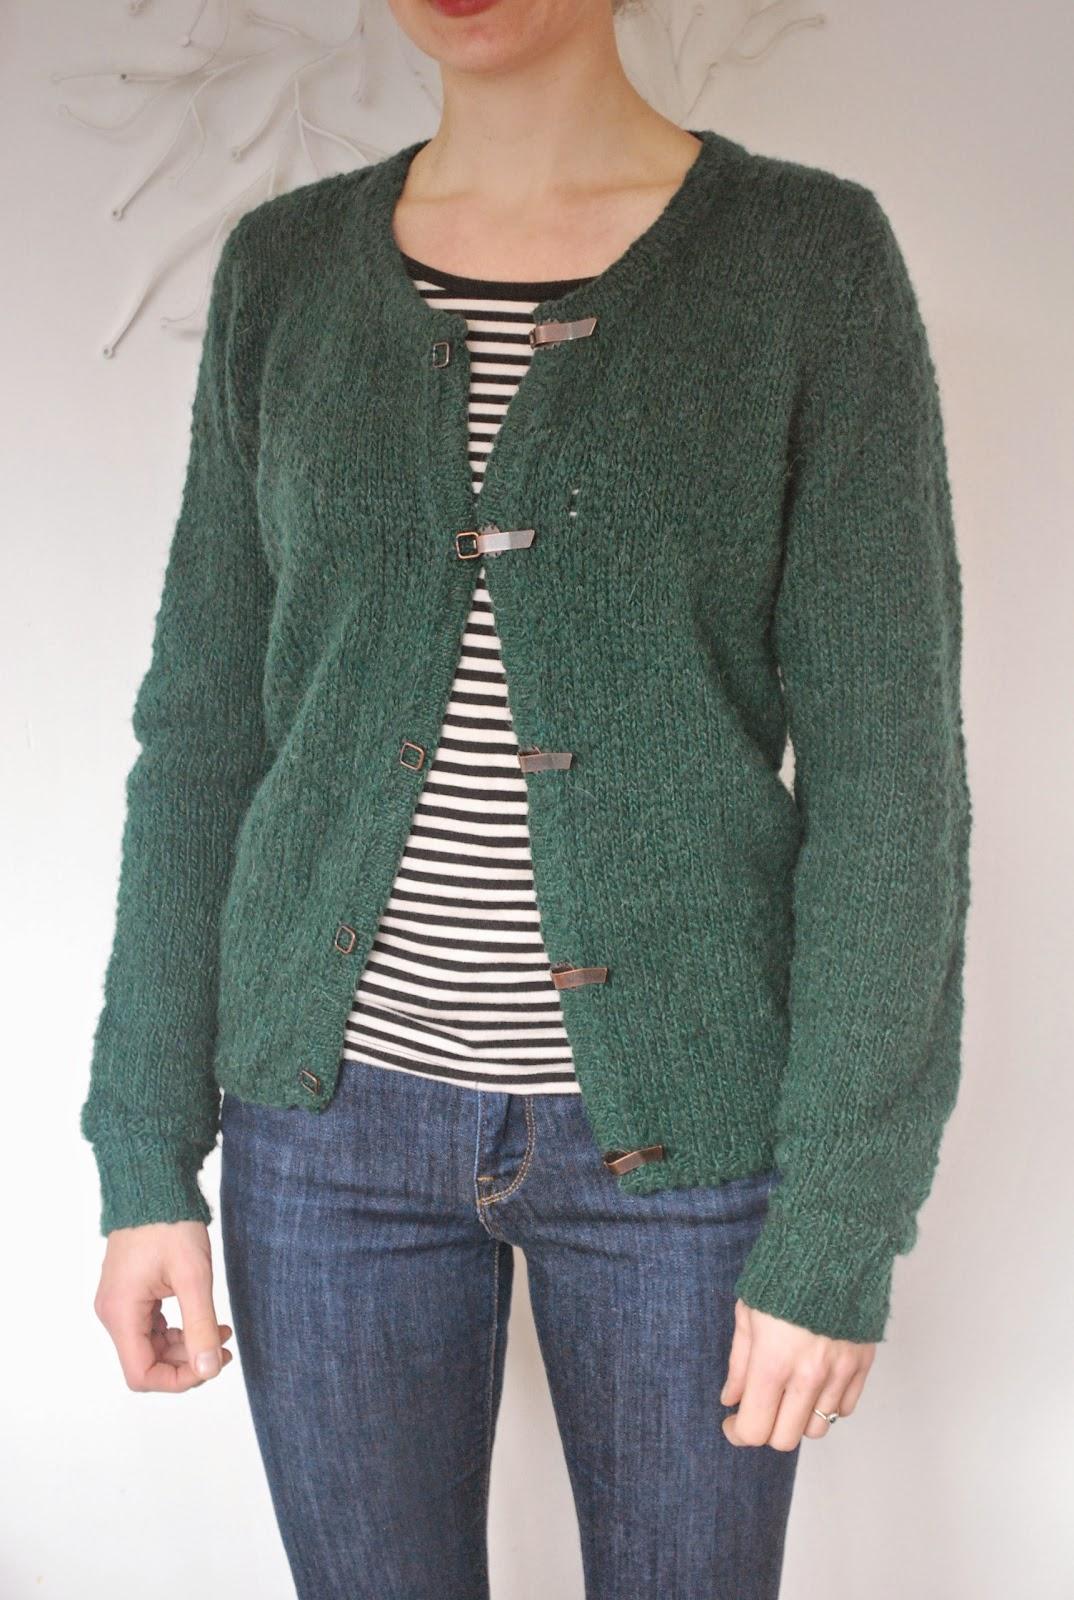 Ktog Knitting : Nellekus knit together